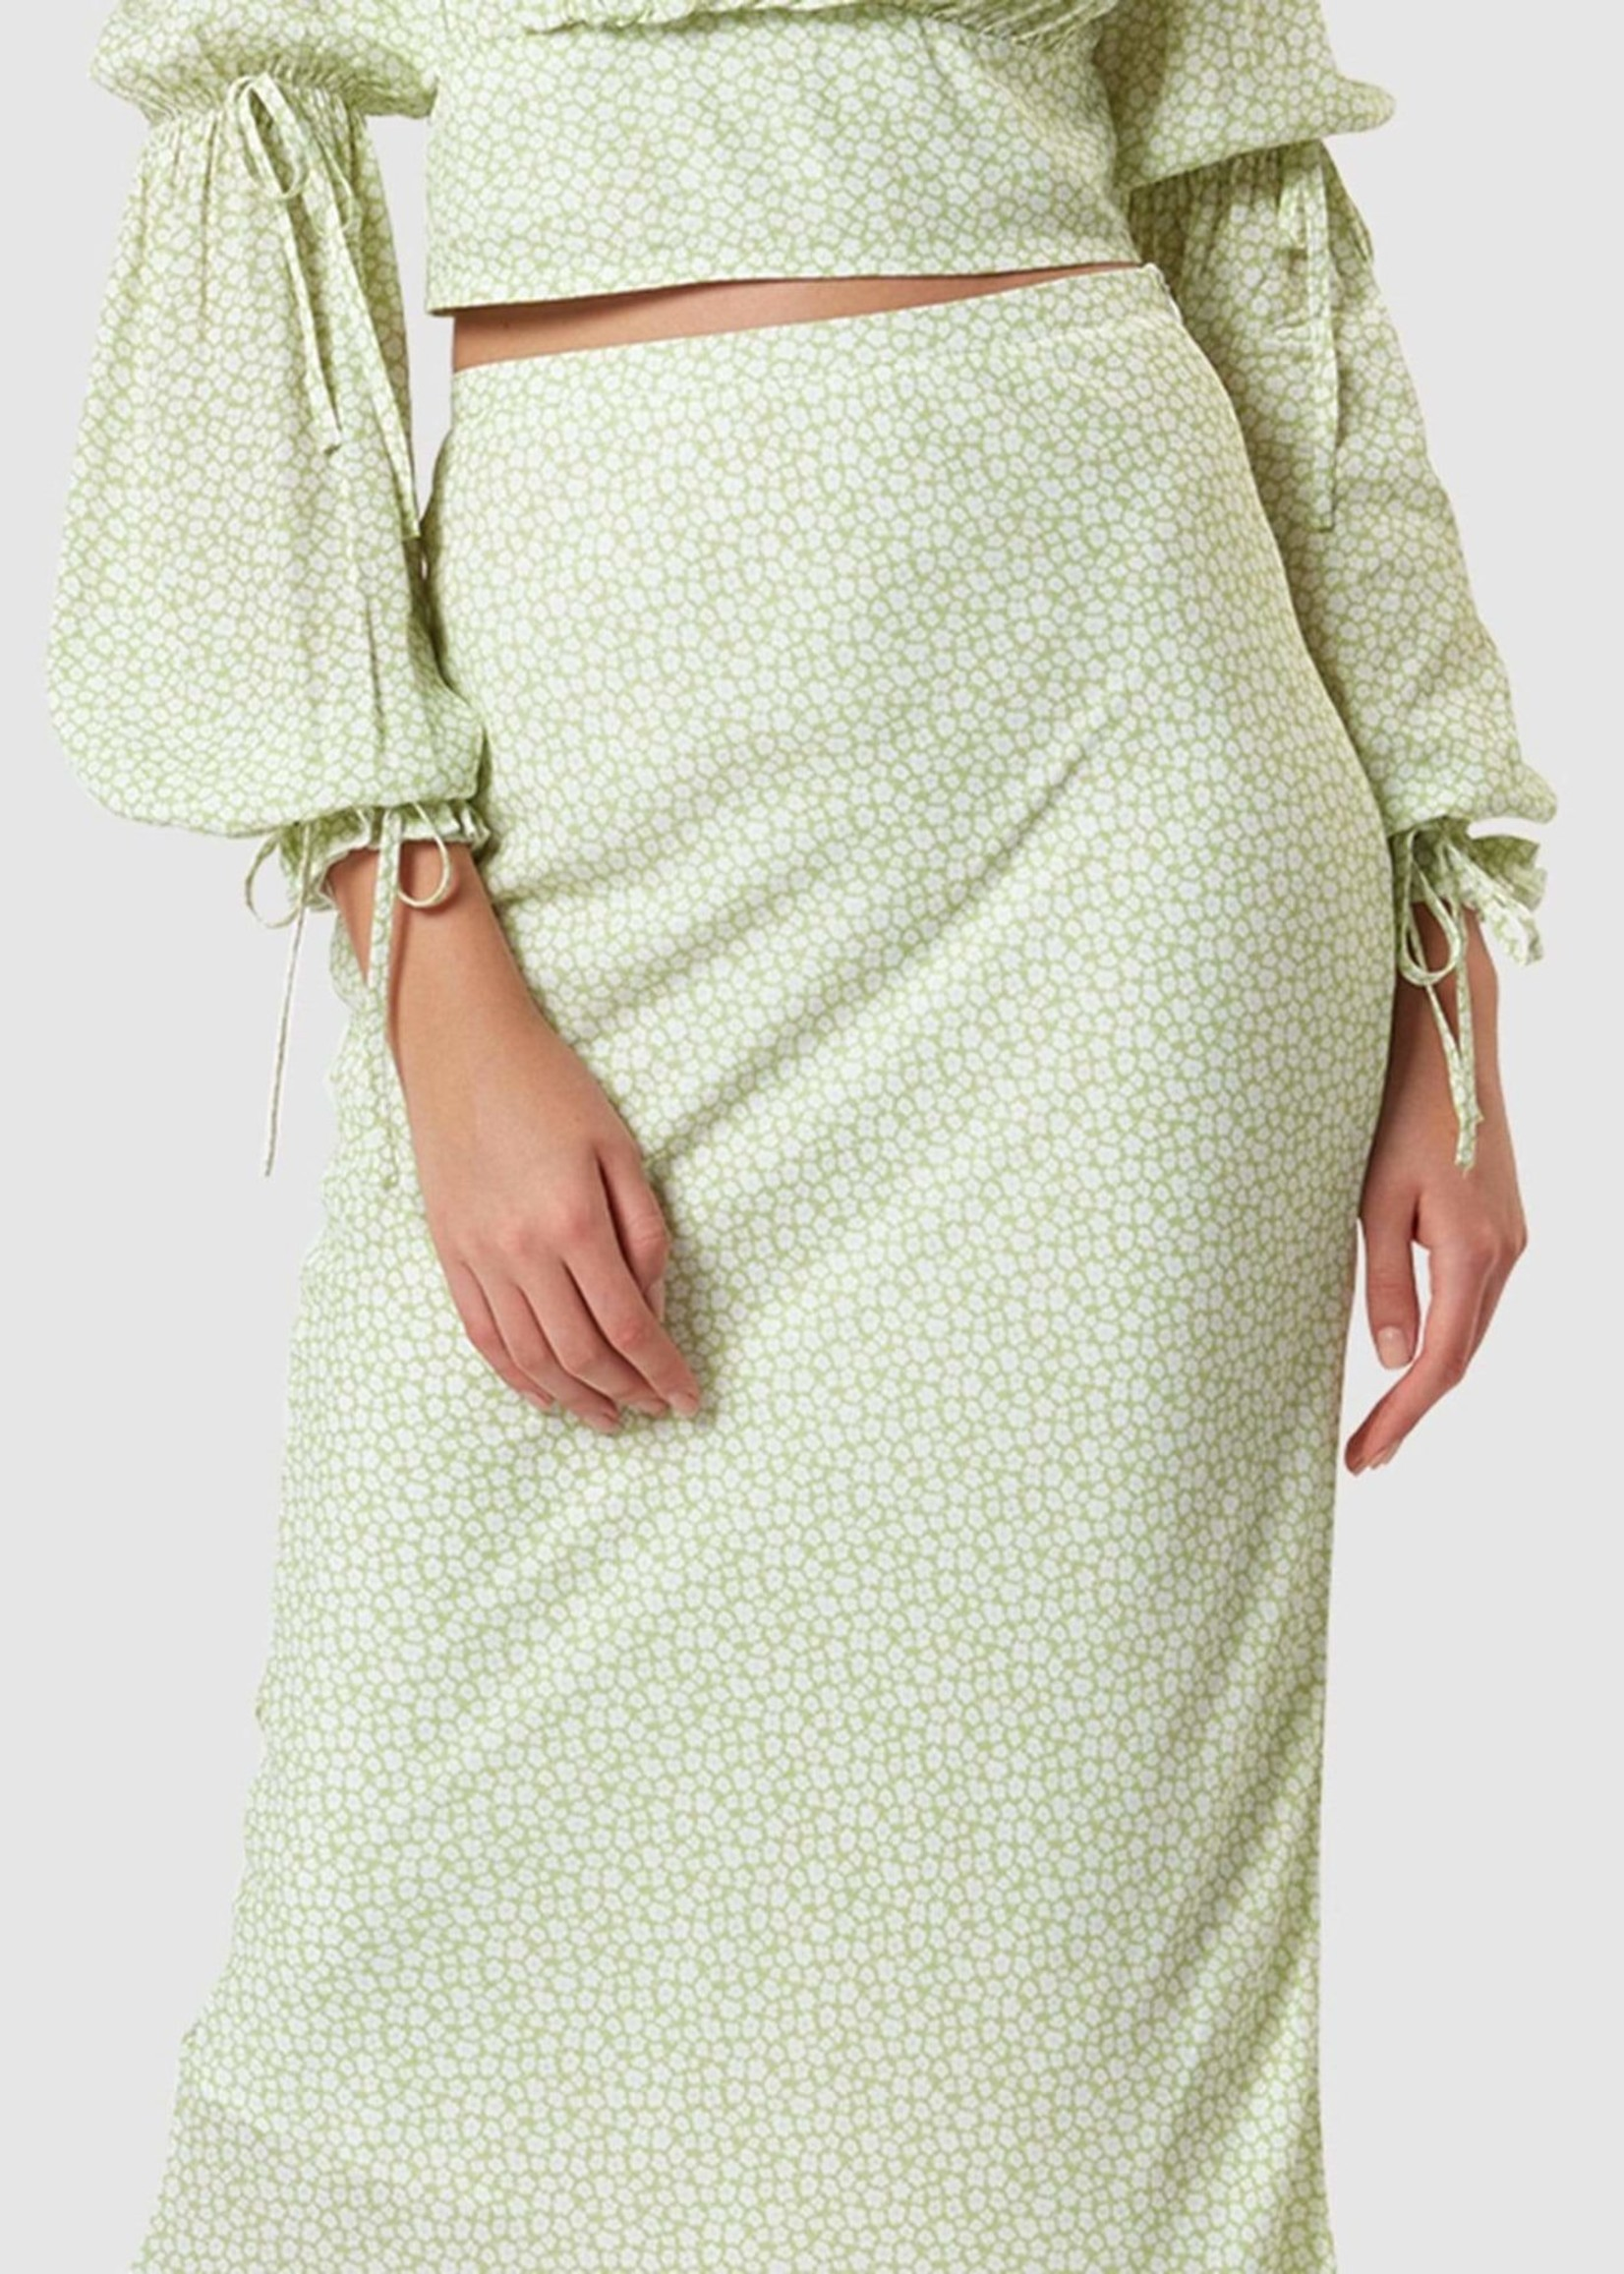 Elitaire Boutique Chelsea Floral Midi Skirt